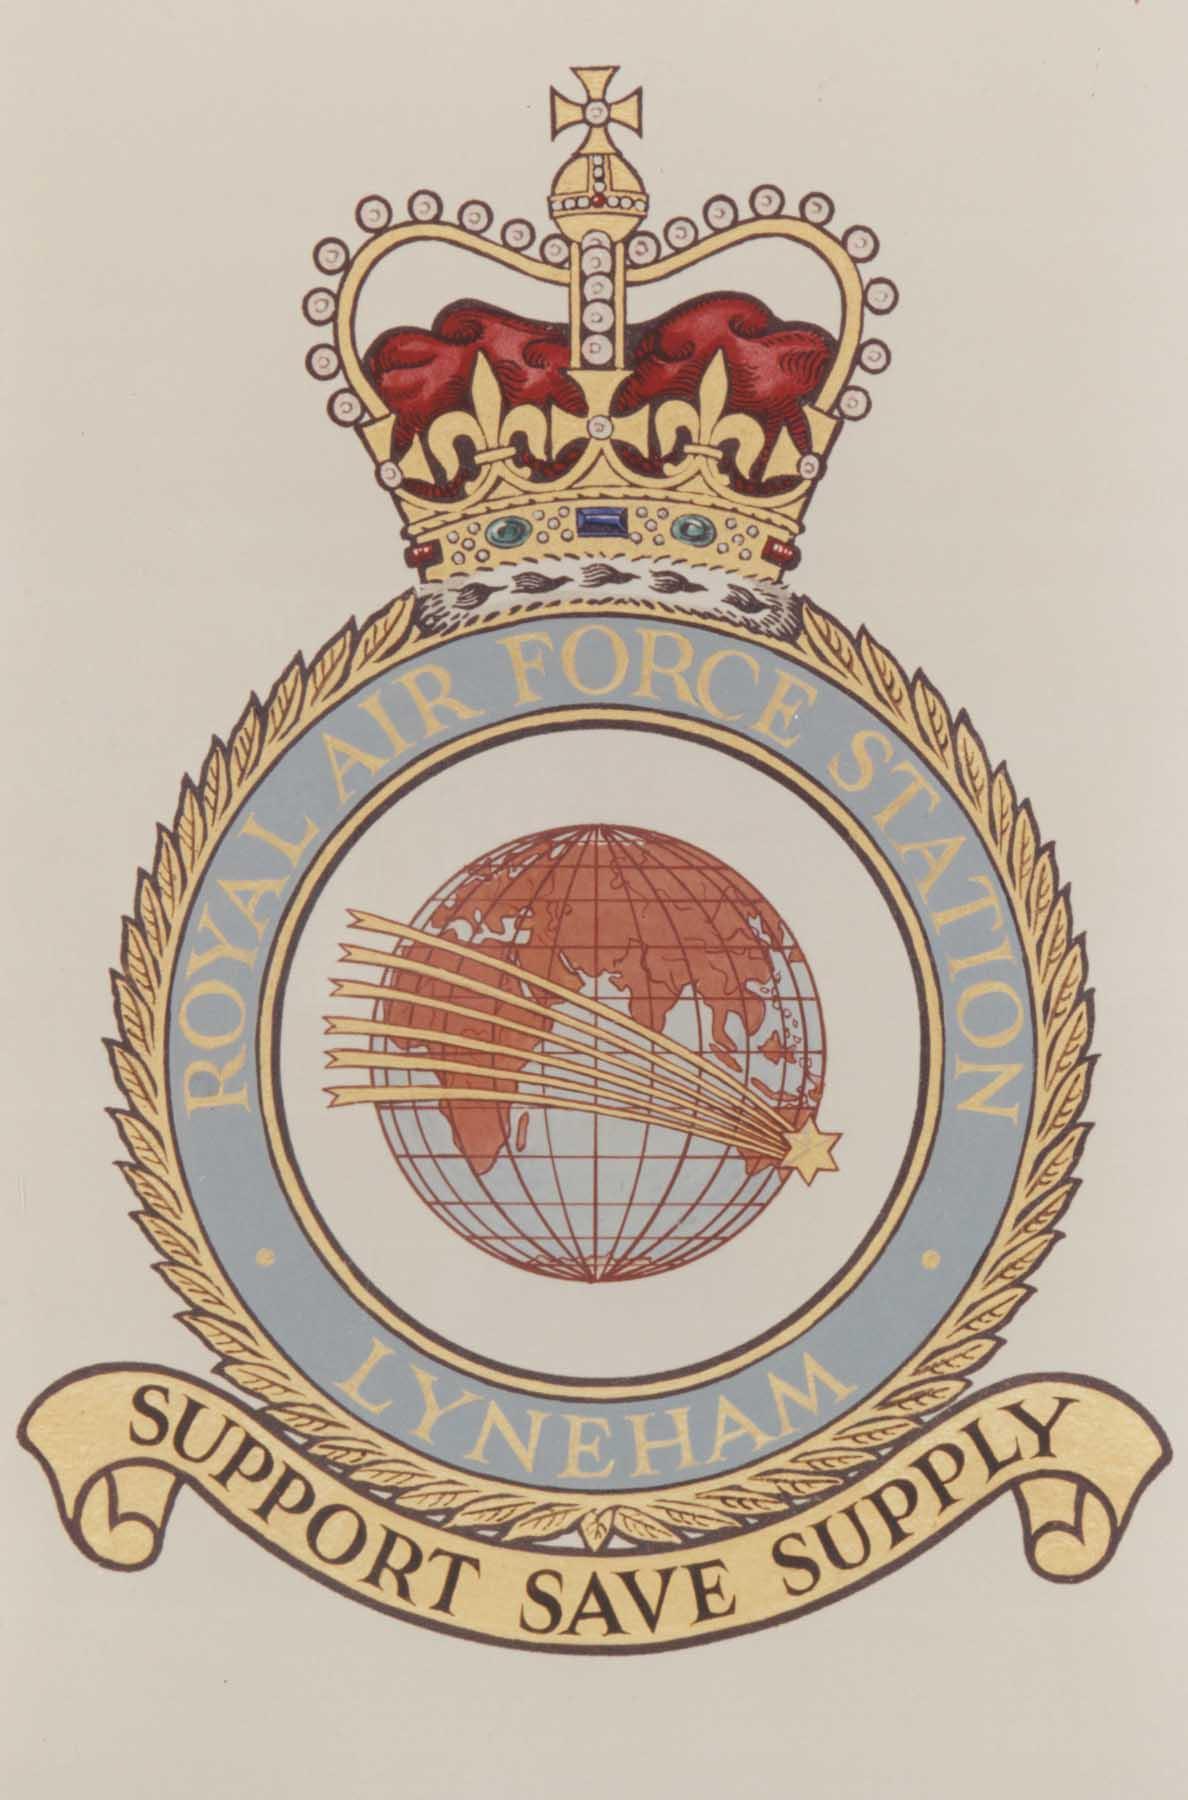 RAF Lyneham official station badge.